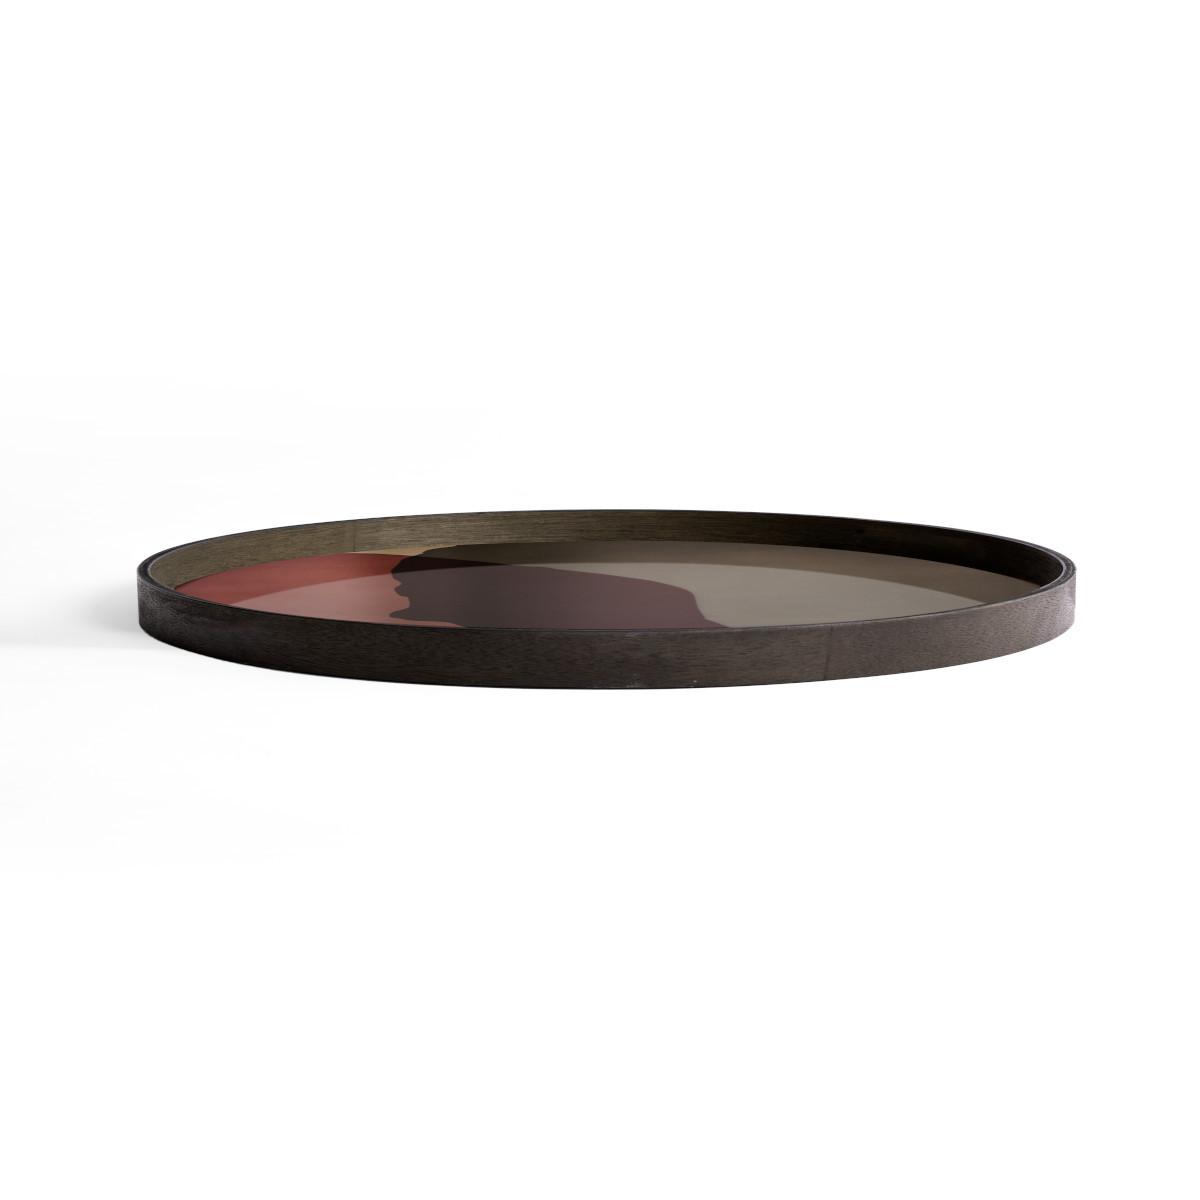 Taca Pinot Combined Dots XL z drewnianą ramą - Ethnicraft